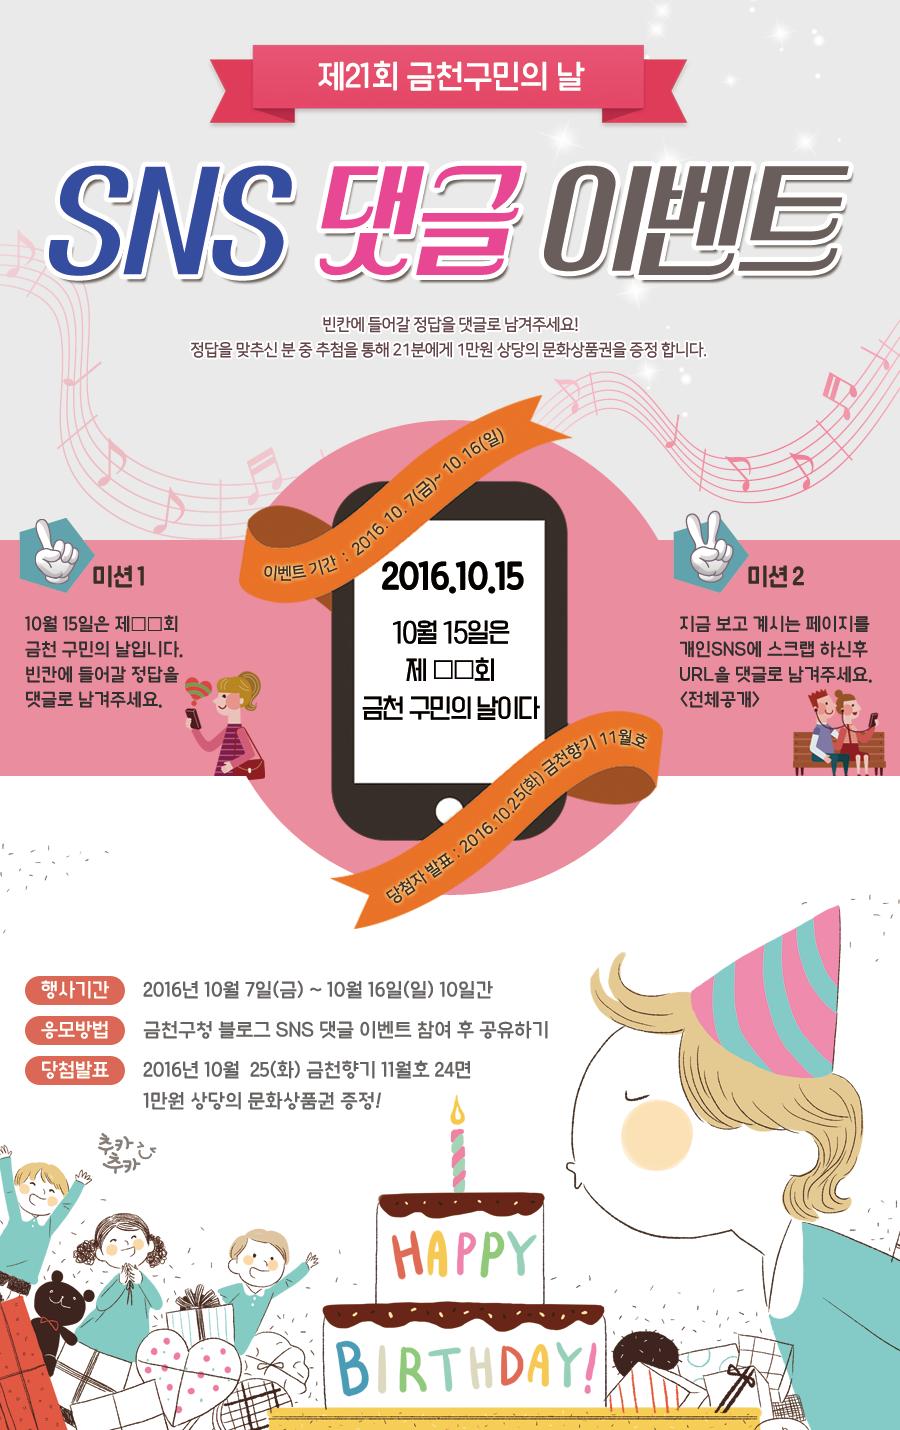 제21회 금천 구민의 날 기념 SNS 댓글 이벤트 (출처 : 금천구청 | http://blog.naver.com/geumcheon1/220830451358 블로그) http://naver.me/GA78G8Jt